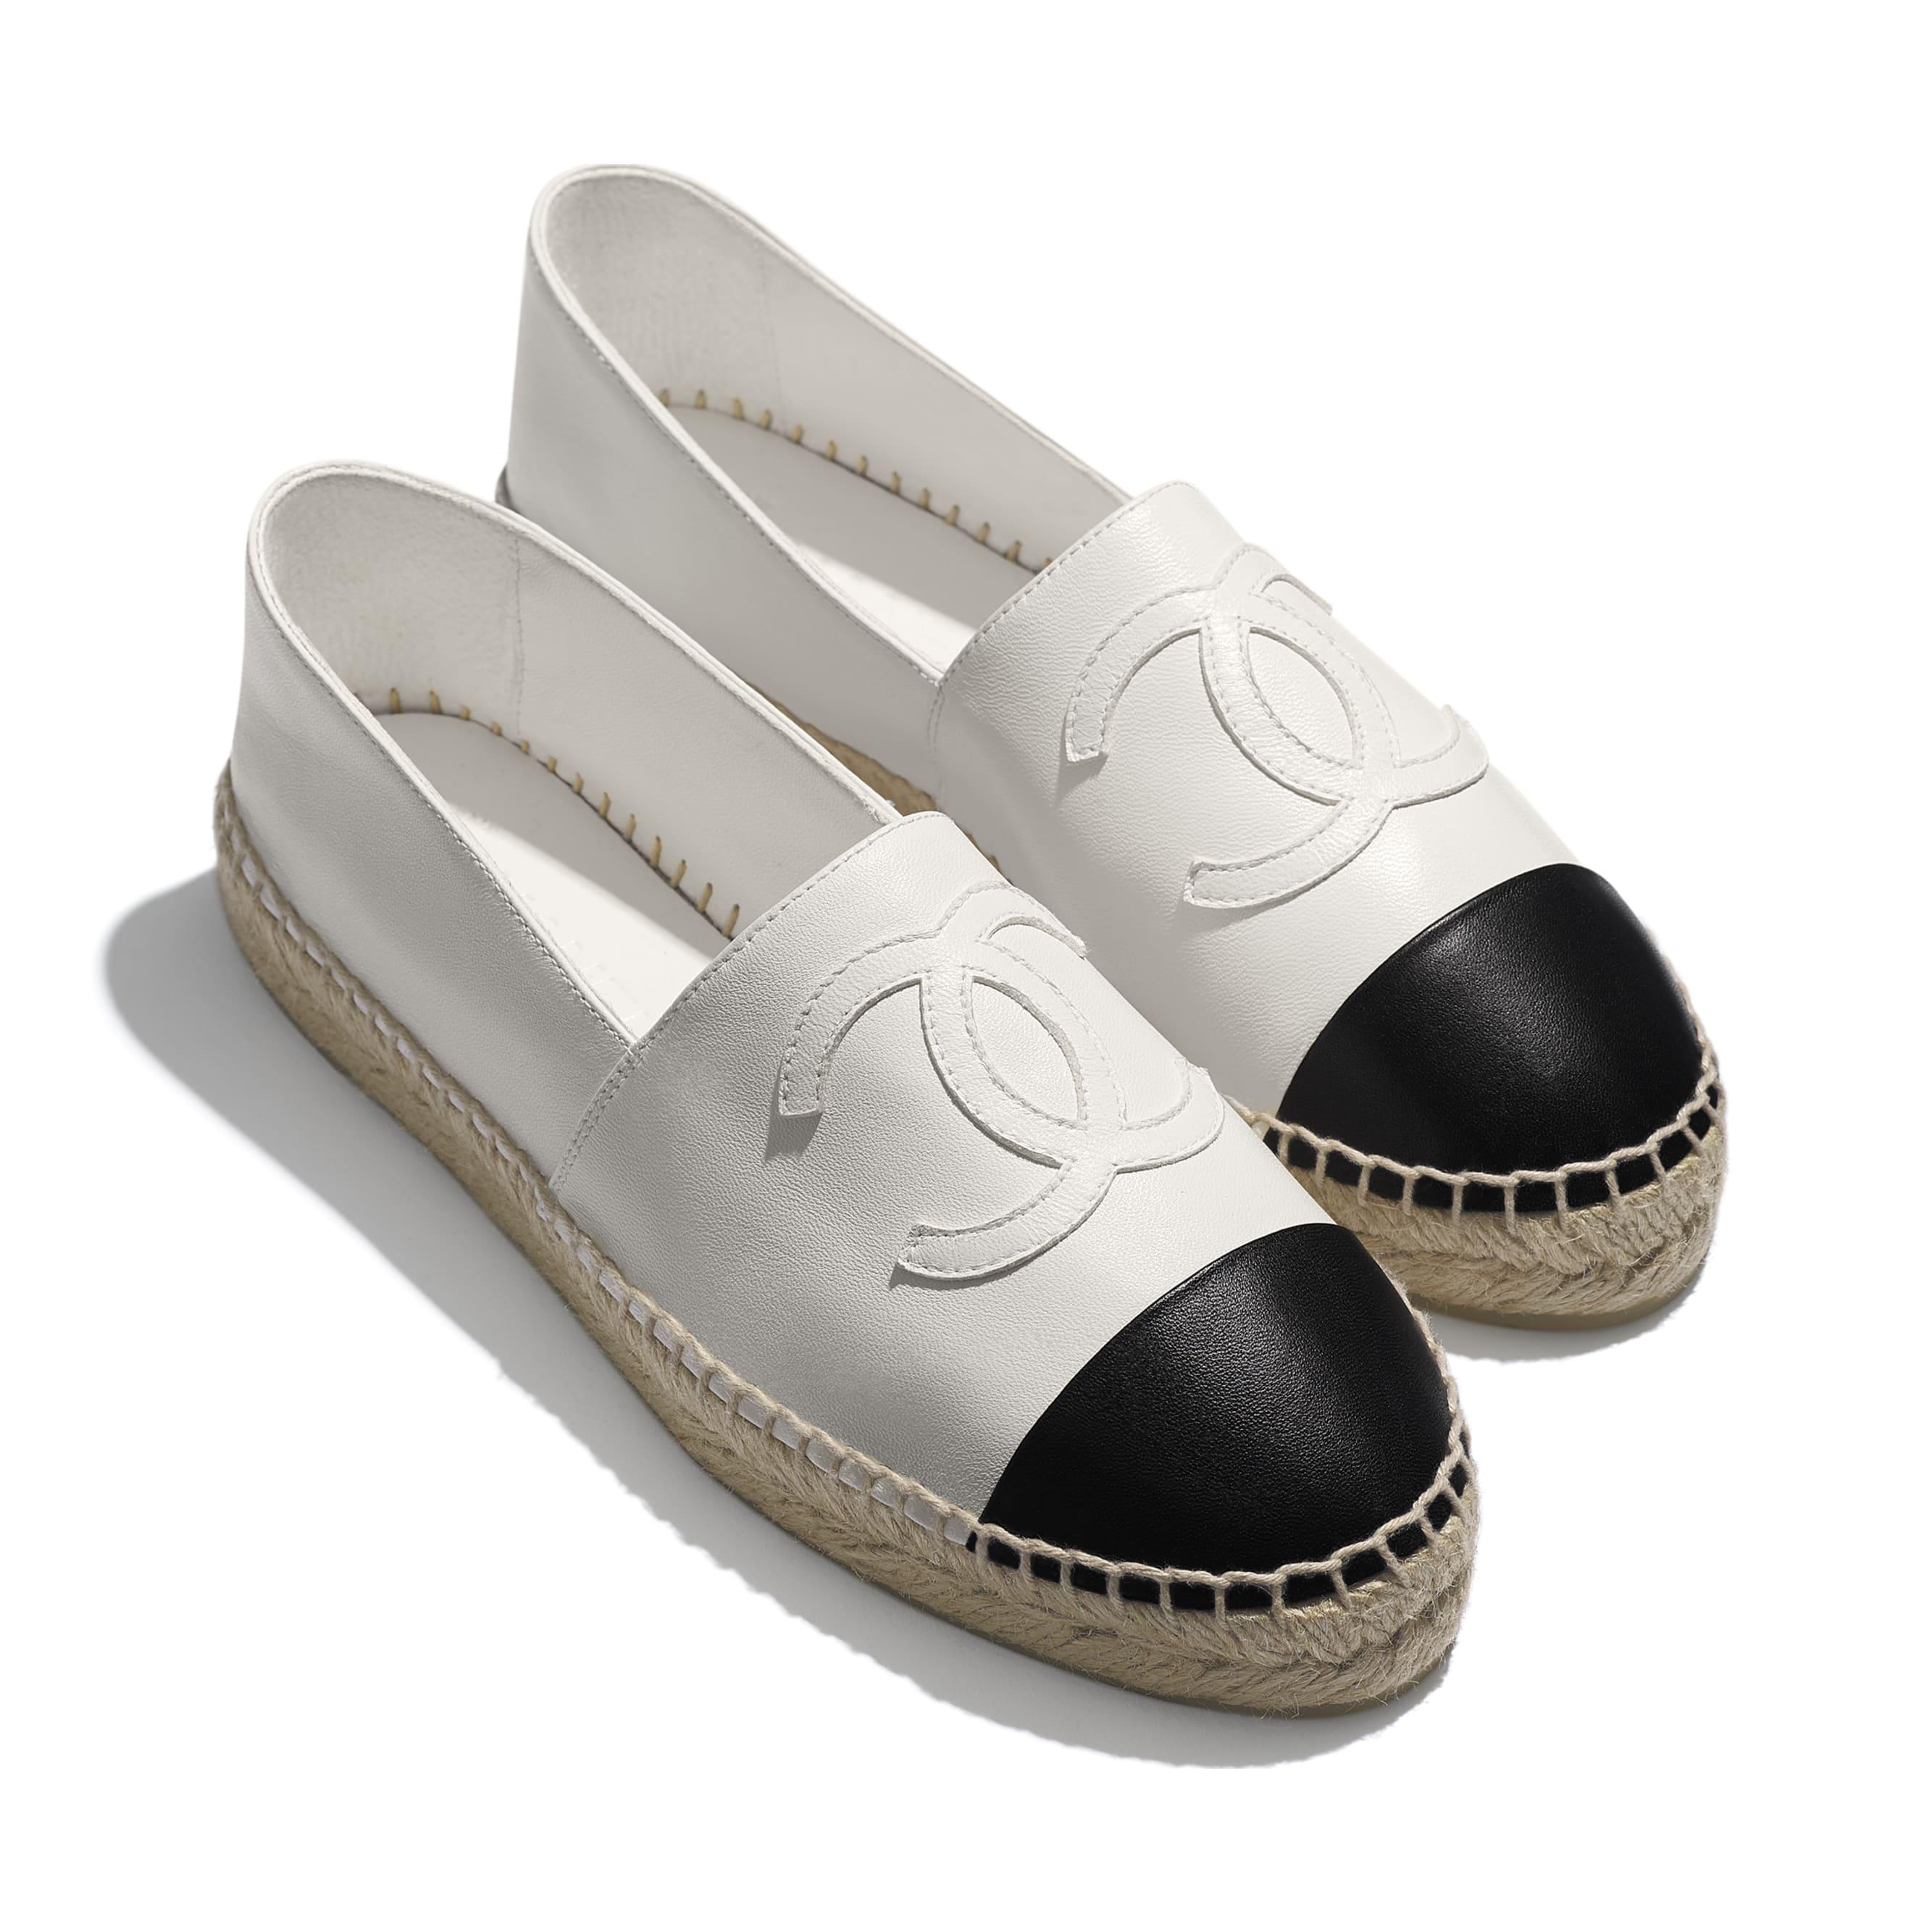 草編鞋 - 白與黑 - 小羊皮 - 額外視圖 - 查看標準尺寸版本